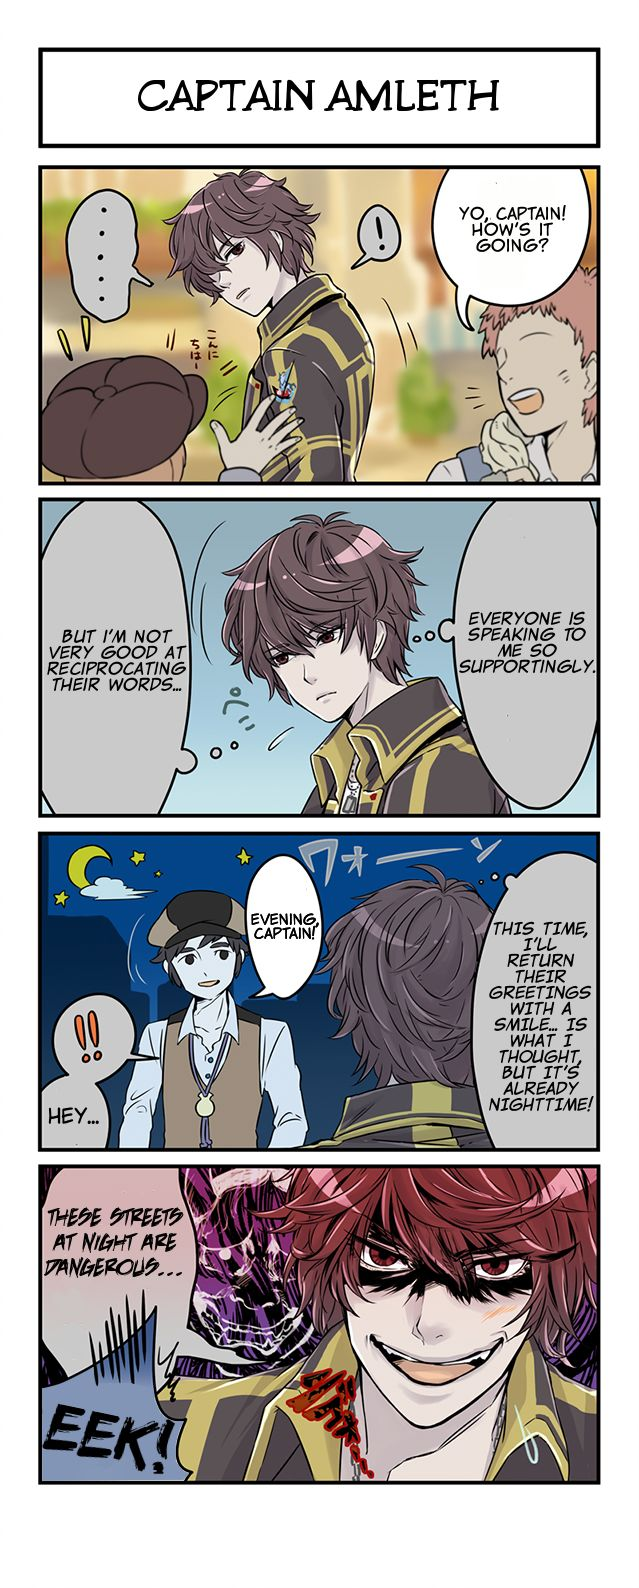 Valkyria Revolution 4-Koma 1 Page 1